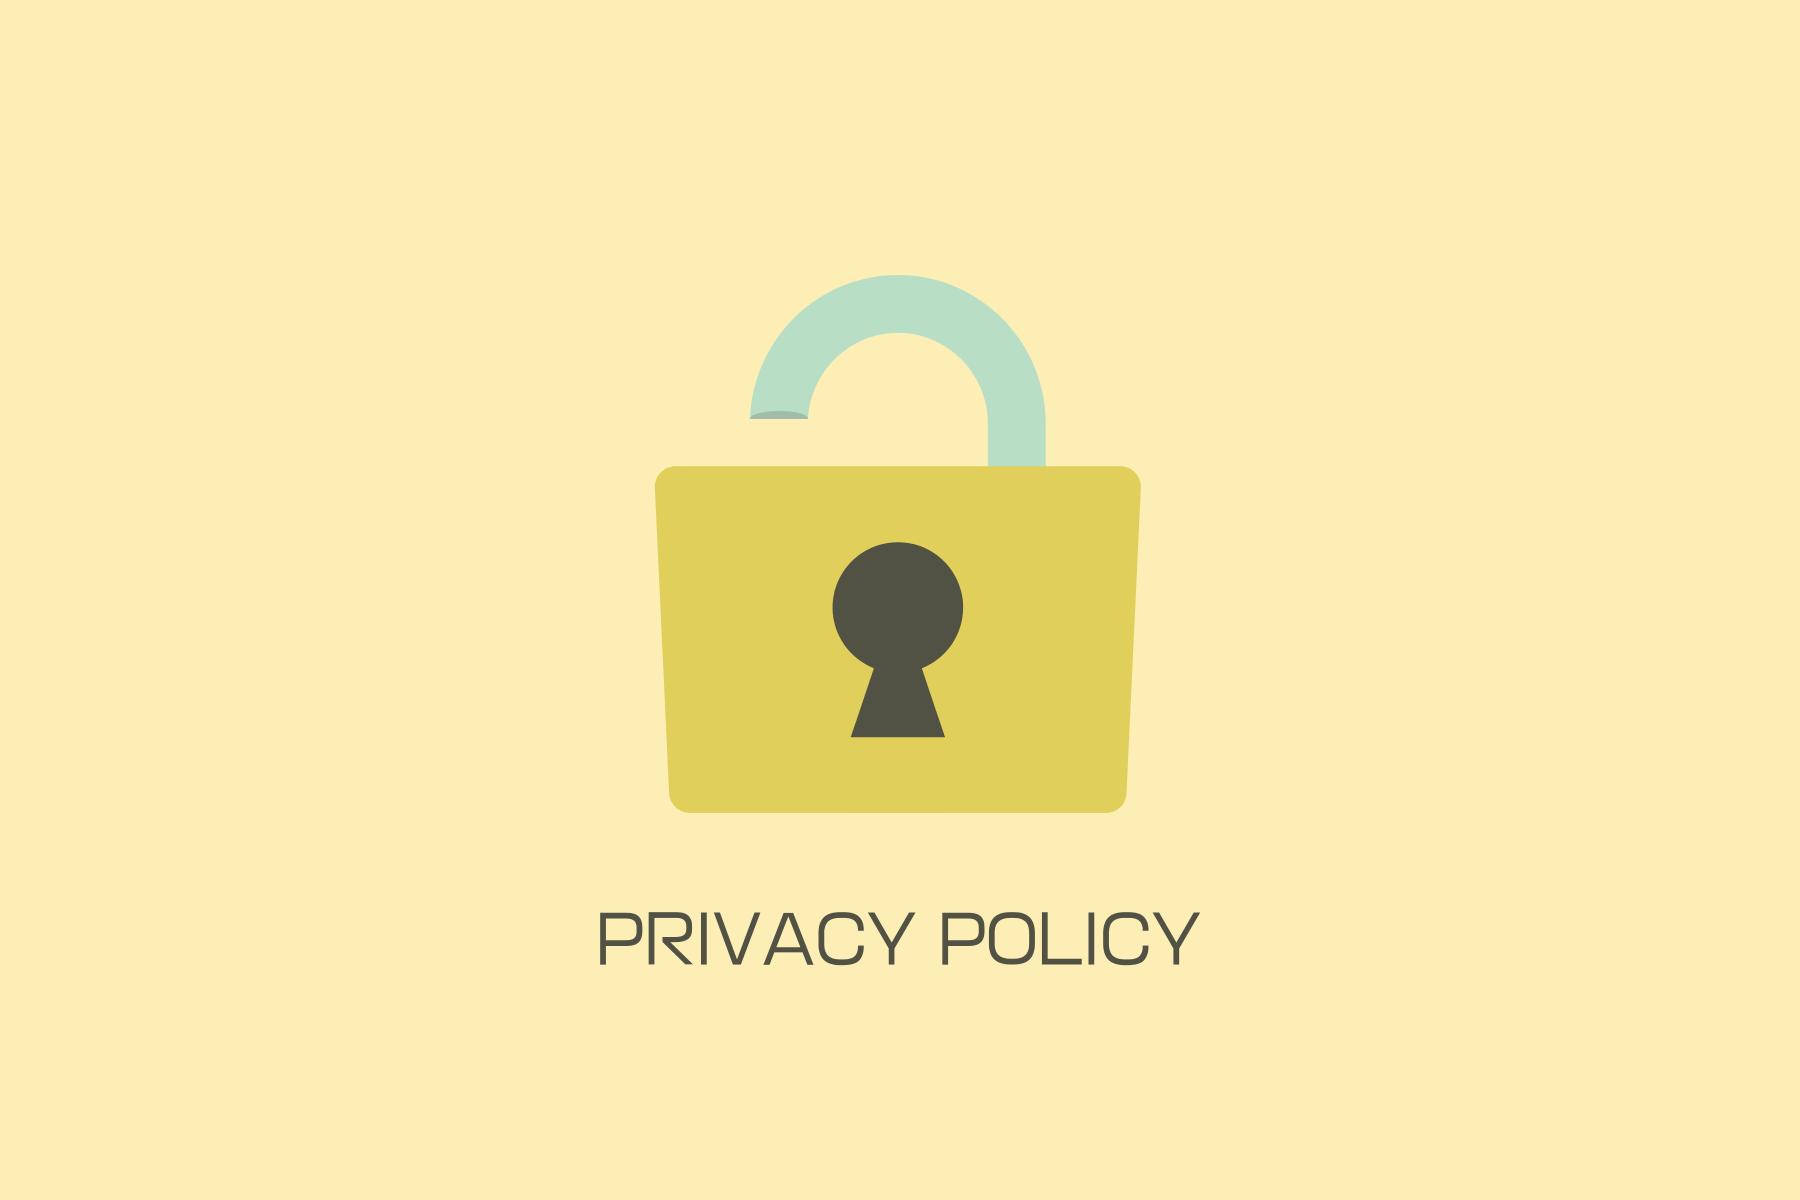 プライバシーポリシー・免責事項